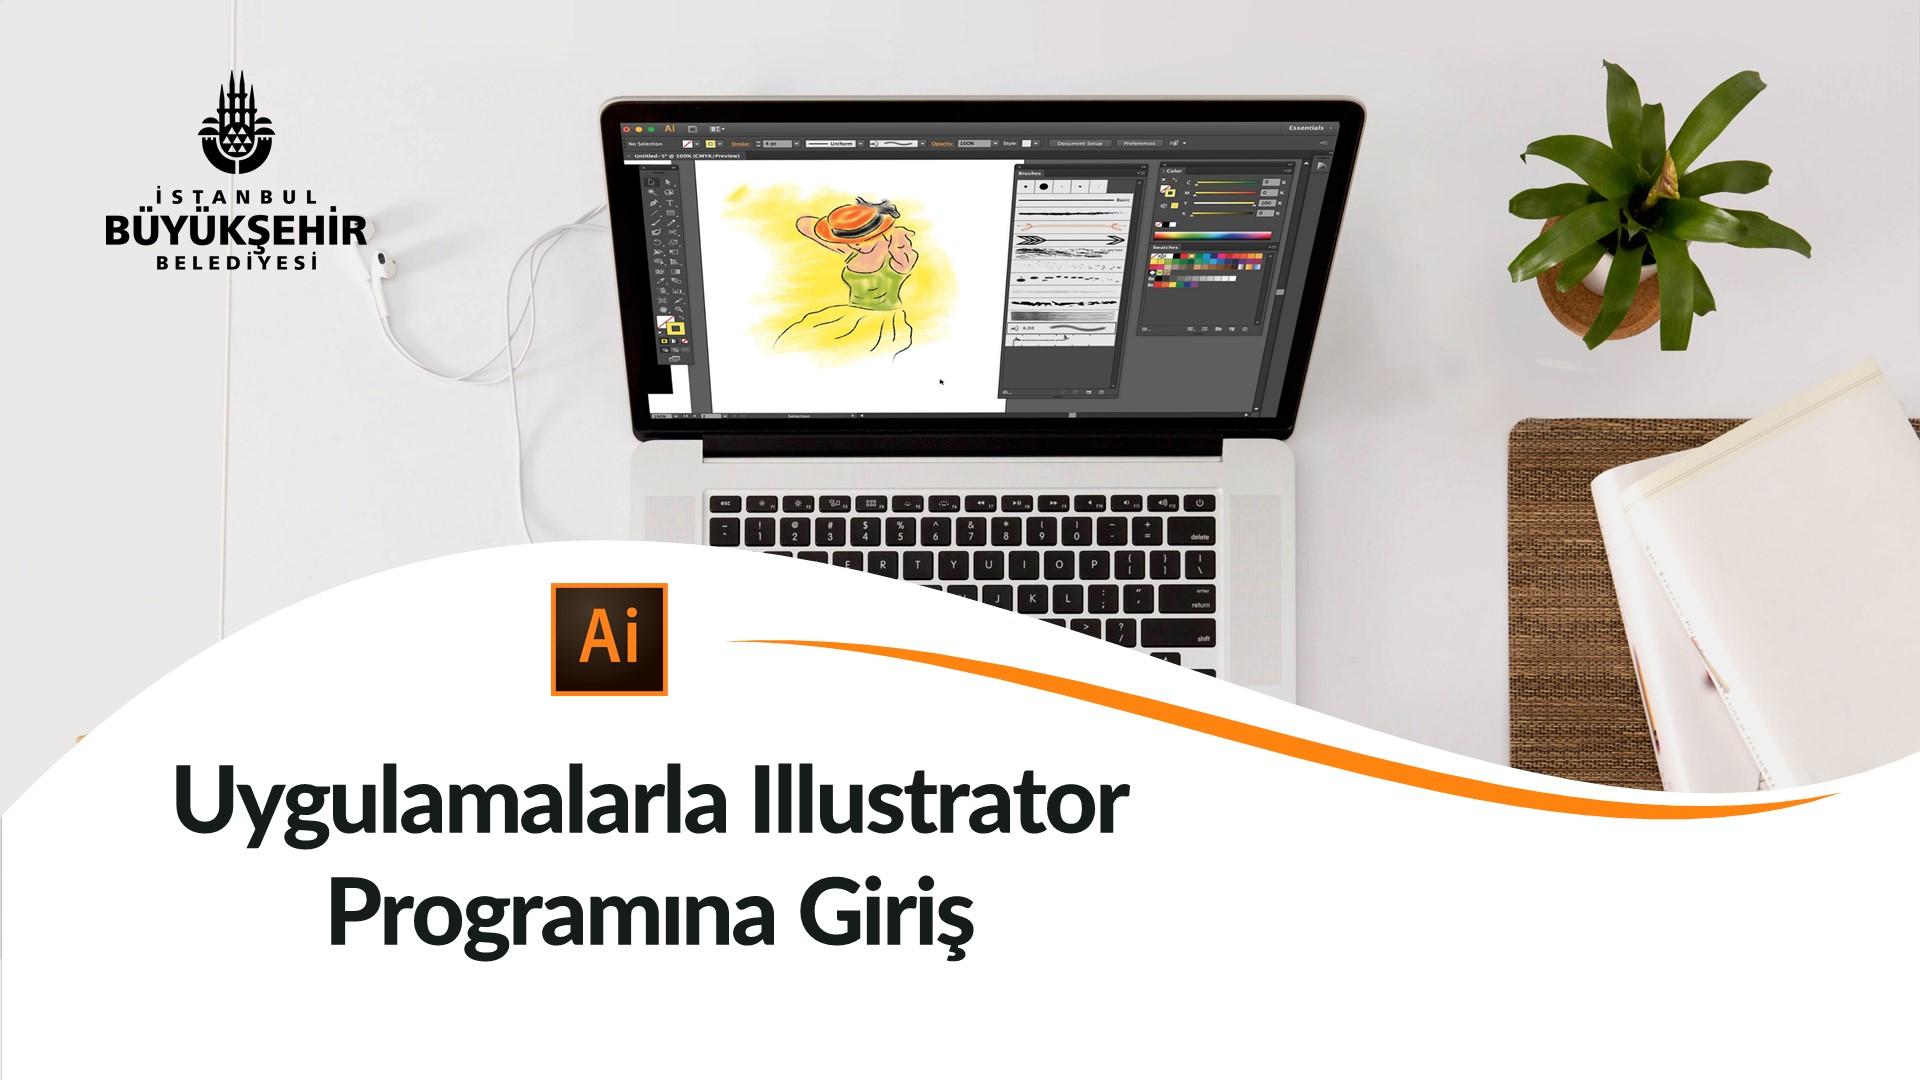 Uygulamalarla Illustrator Programına Giriş Kayıtları Başladı